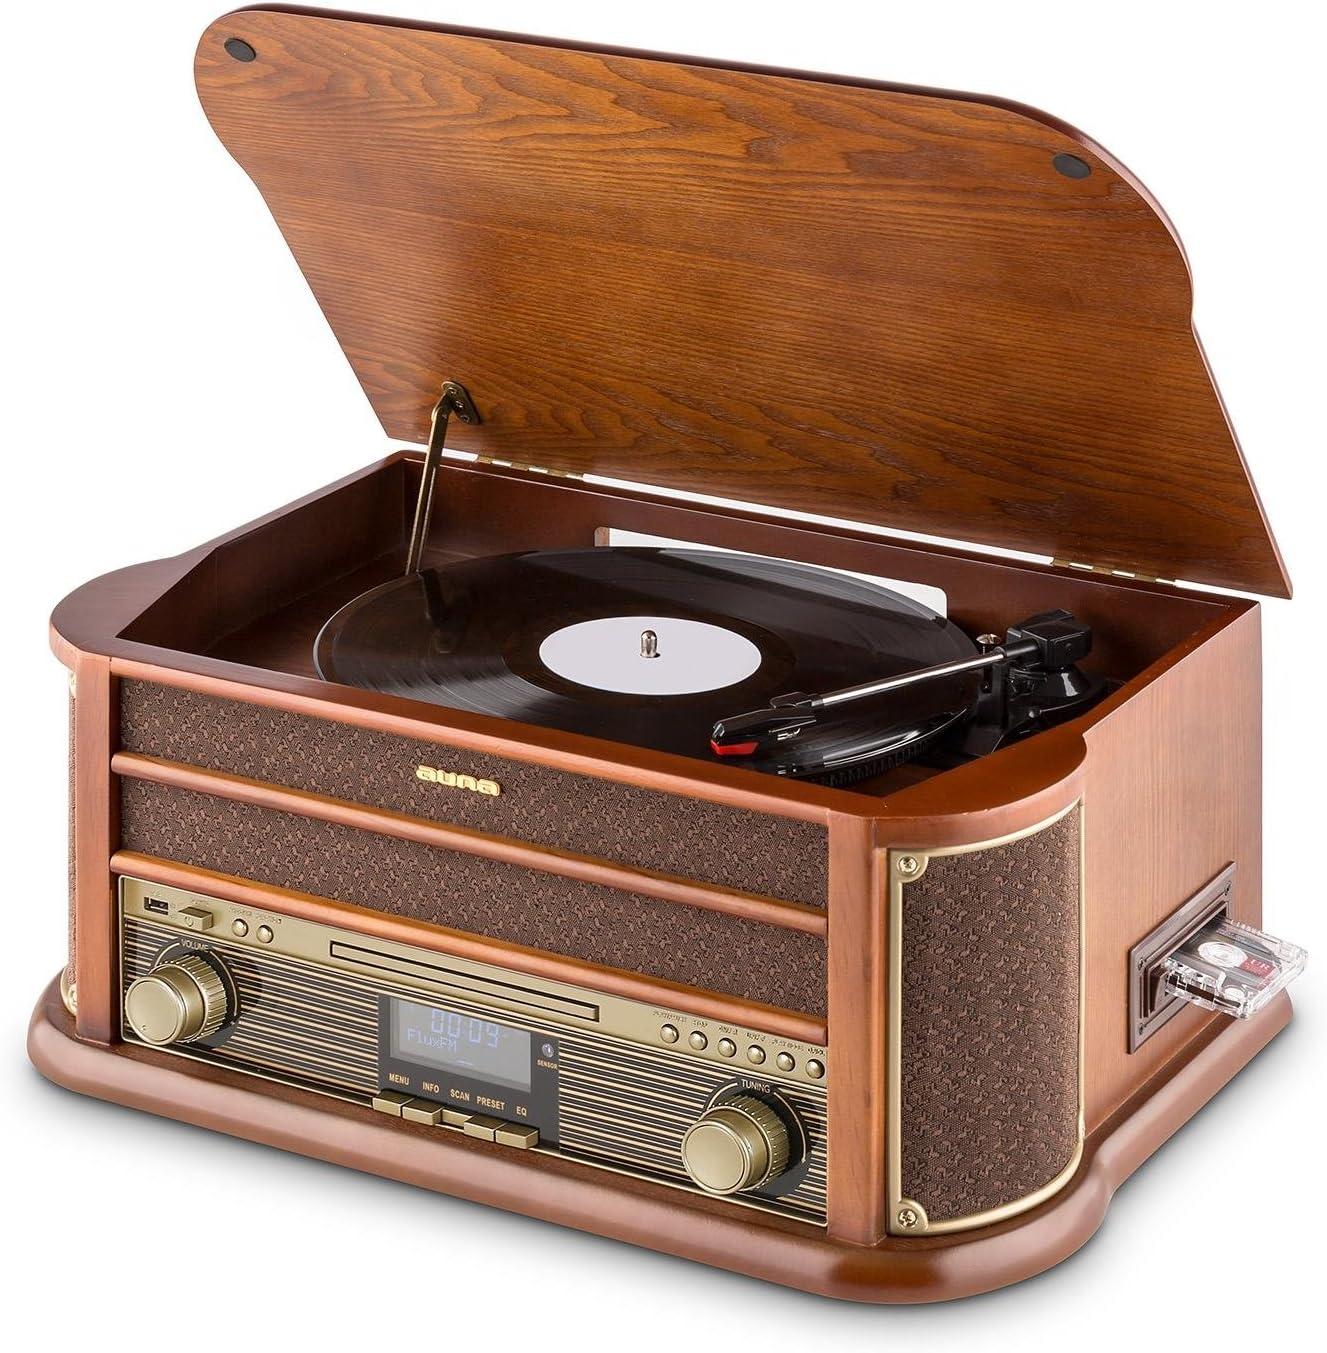 Auna Belle Epoque 1908 Equipo estéreo: Amazon.es: Electrónica